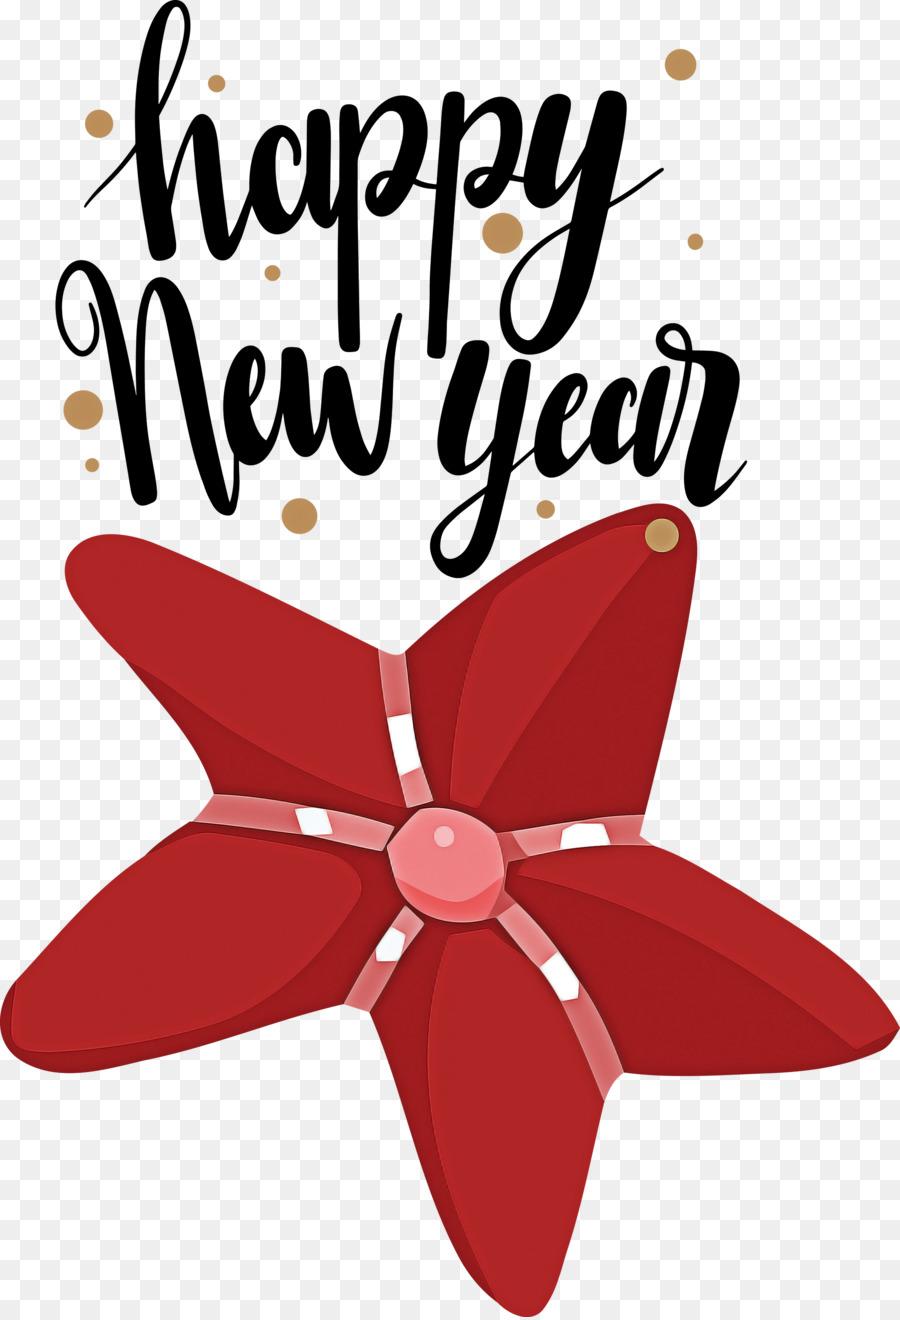 Descarga gratuita de Año Nuevo, La Víspera De Año Nuevo, El Día De Año Nuevo Imágen de Png